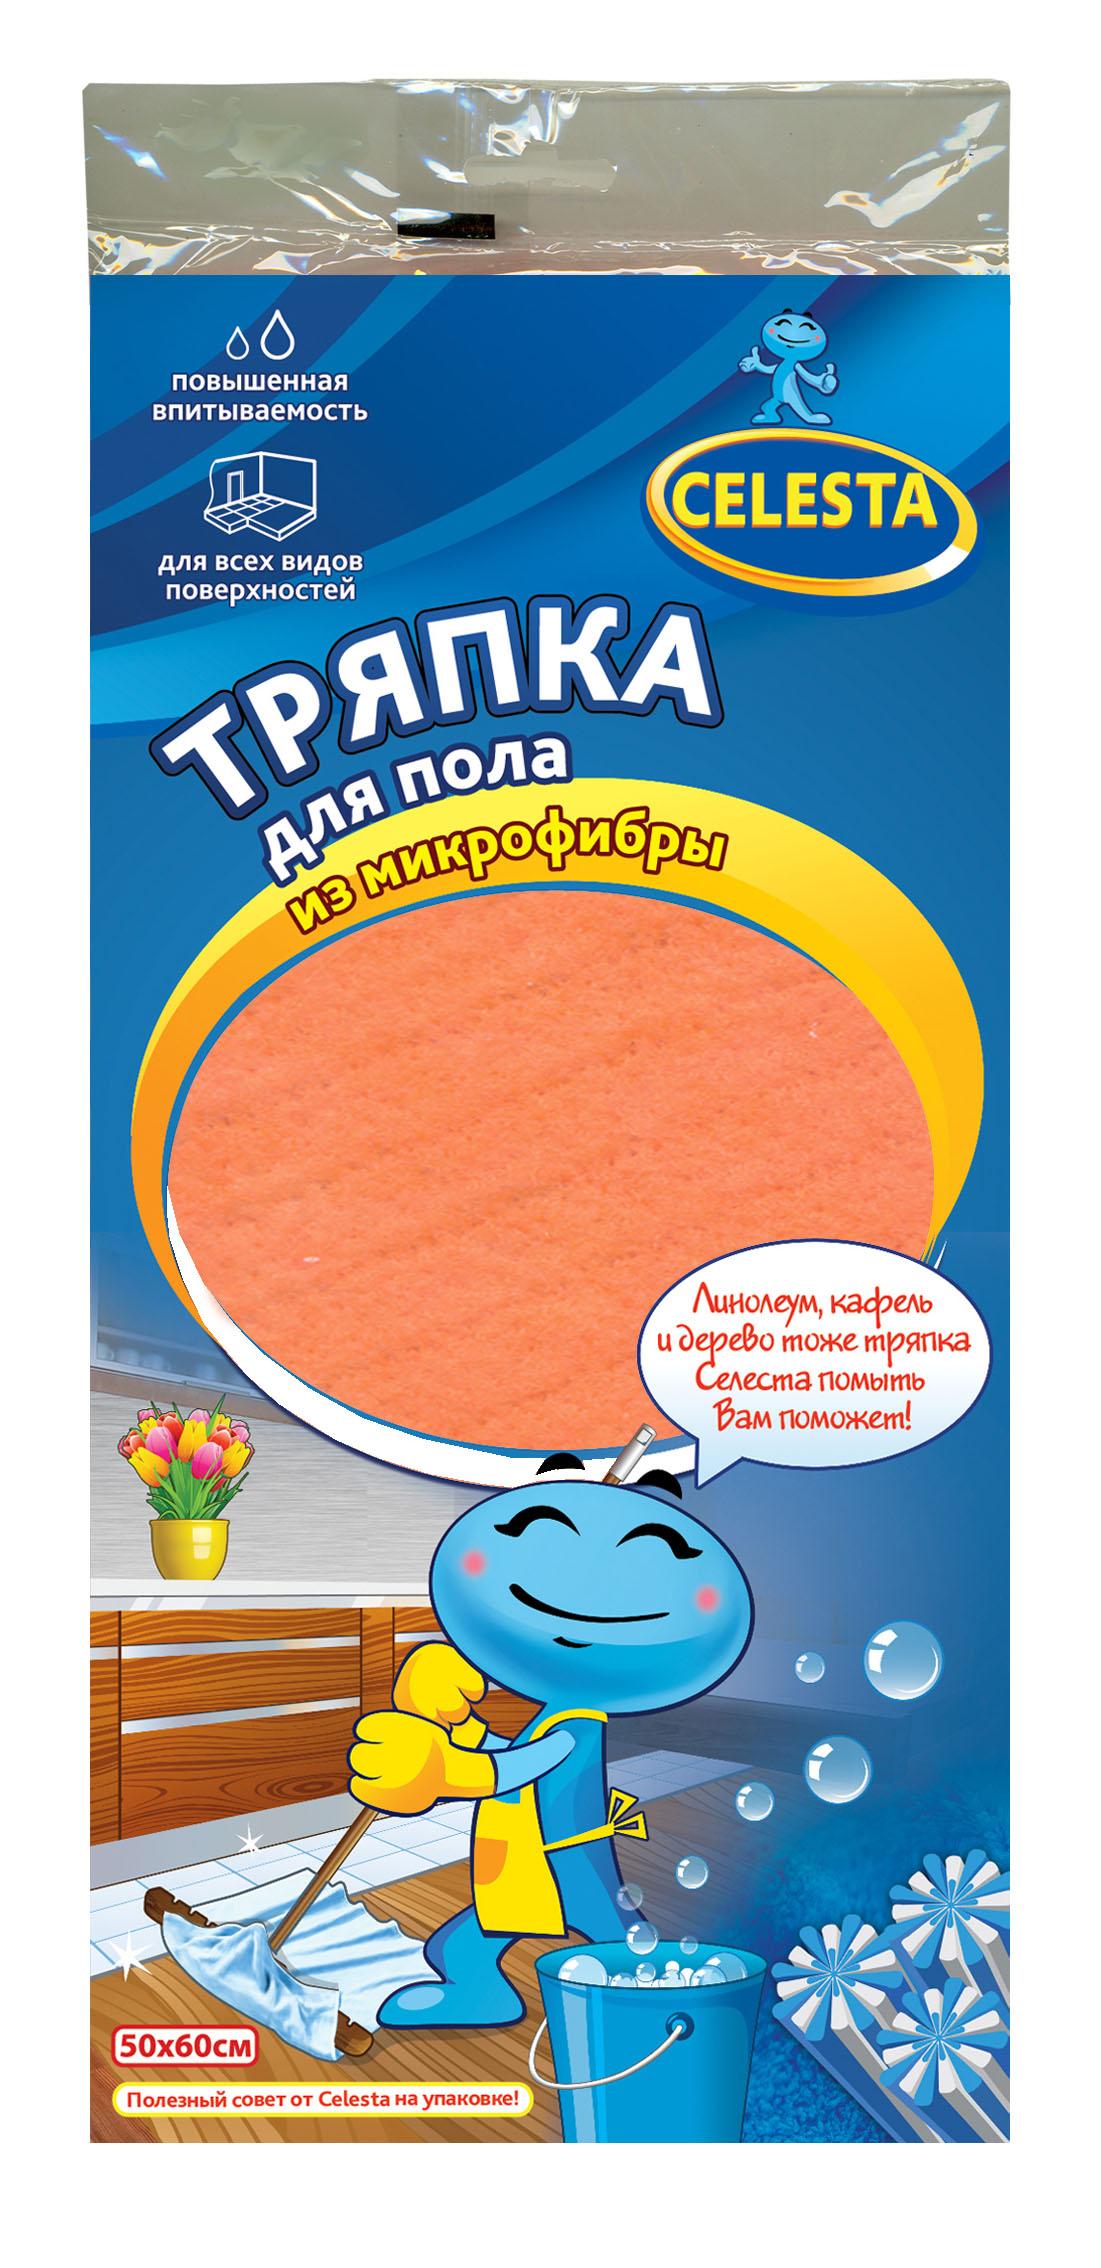 Тряпка для пола Celesta, из микрофибры, цвет: оранжевый, 50 х 60 см5604Тряпка из микрофибры Celesta предназначена для мытья любых полов. В сухом виде - для ухода за потолками, стенами, ковровыми покрытиями. Деликатно очищает поверхность, не оставляет разводов, ворсинок. Состав: полиэстер 80%, полиамид 20%. Размер: 50 см х 60 см.